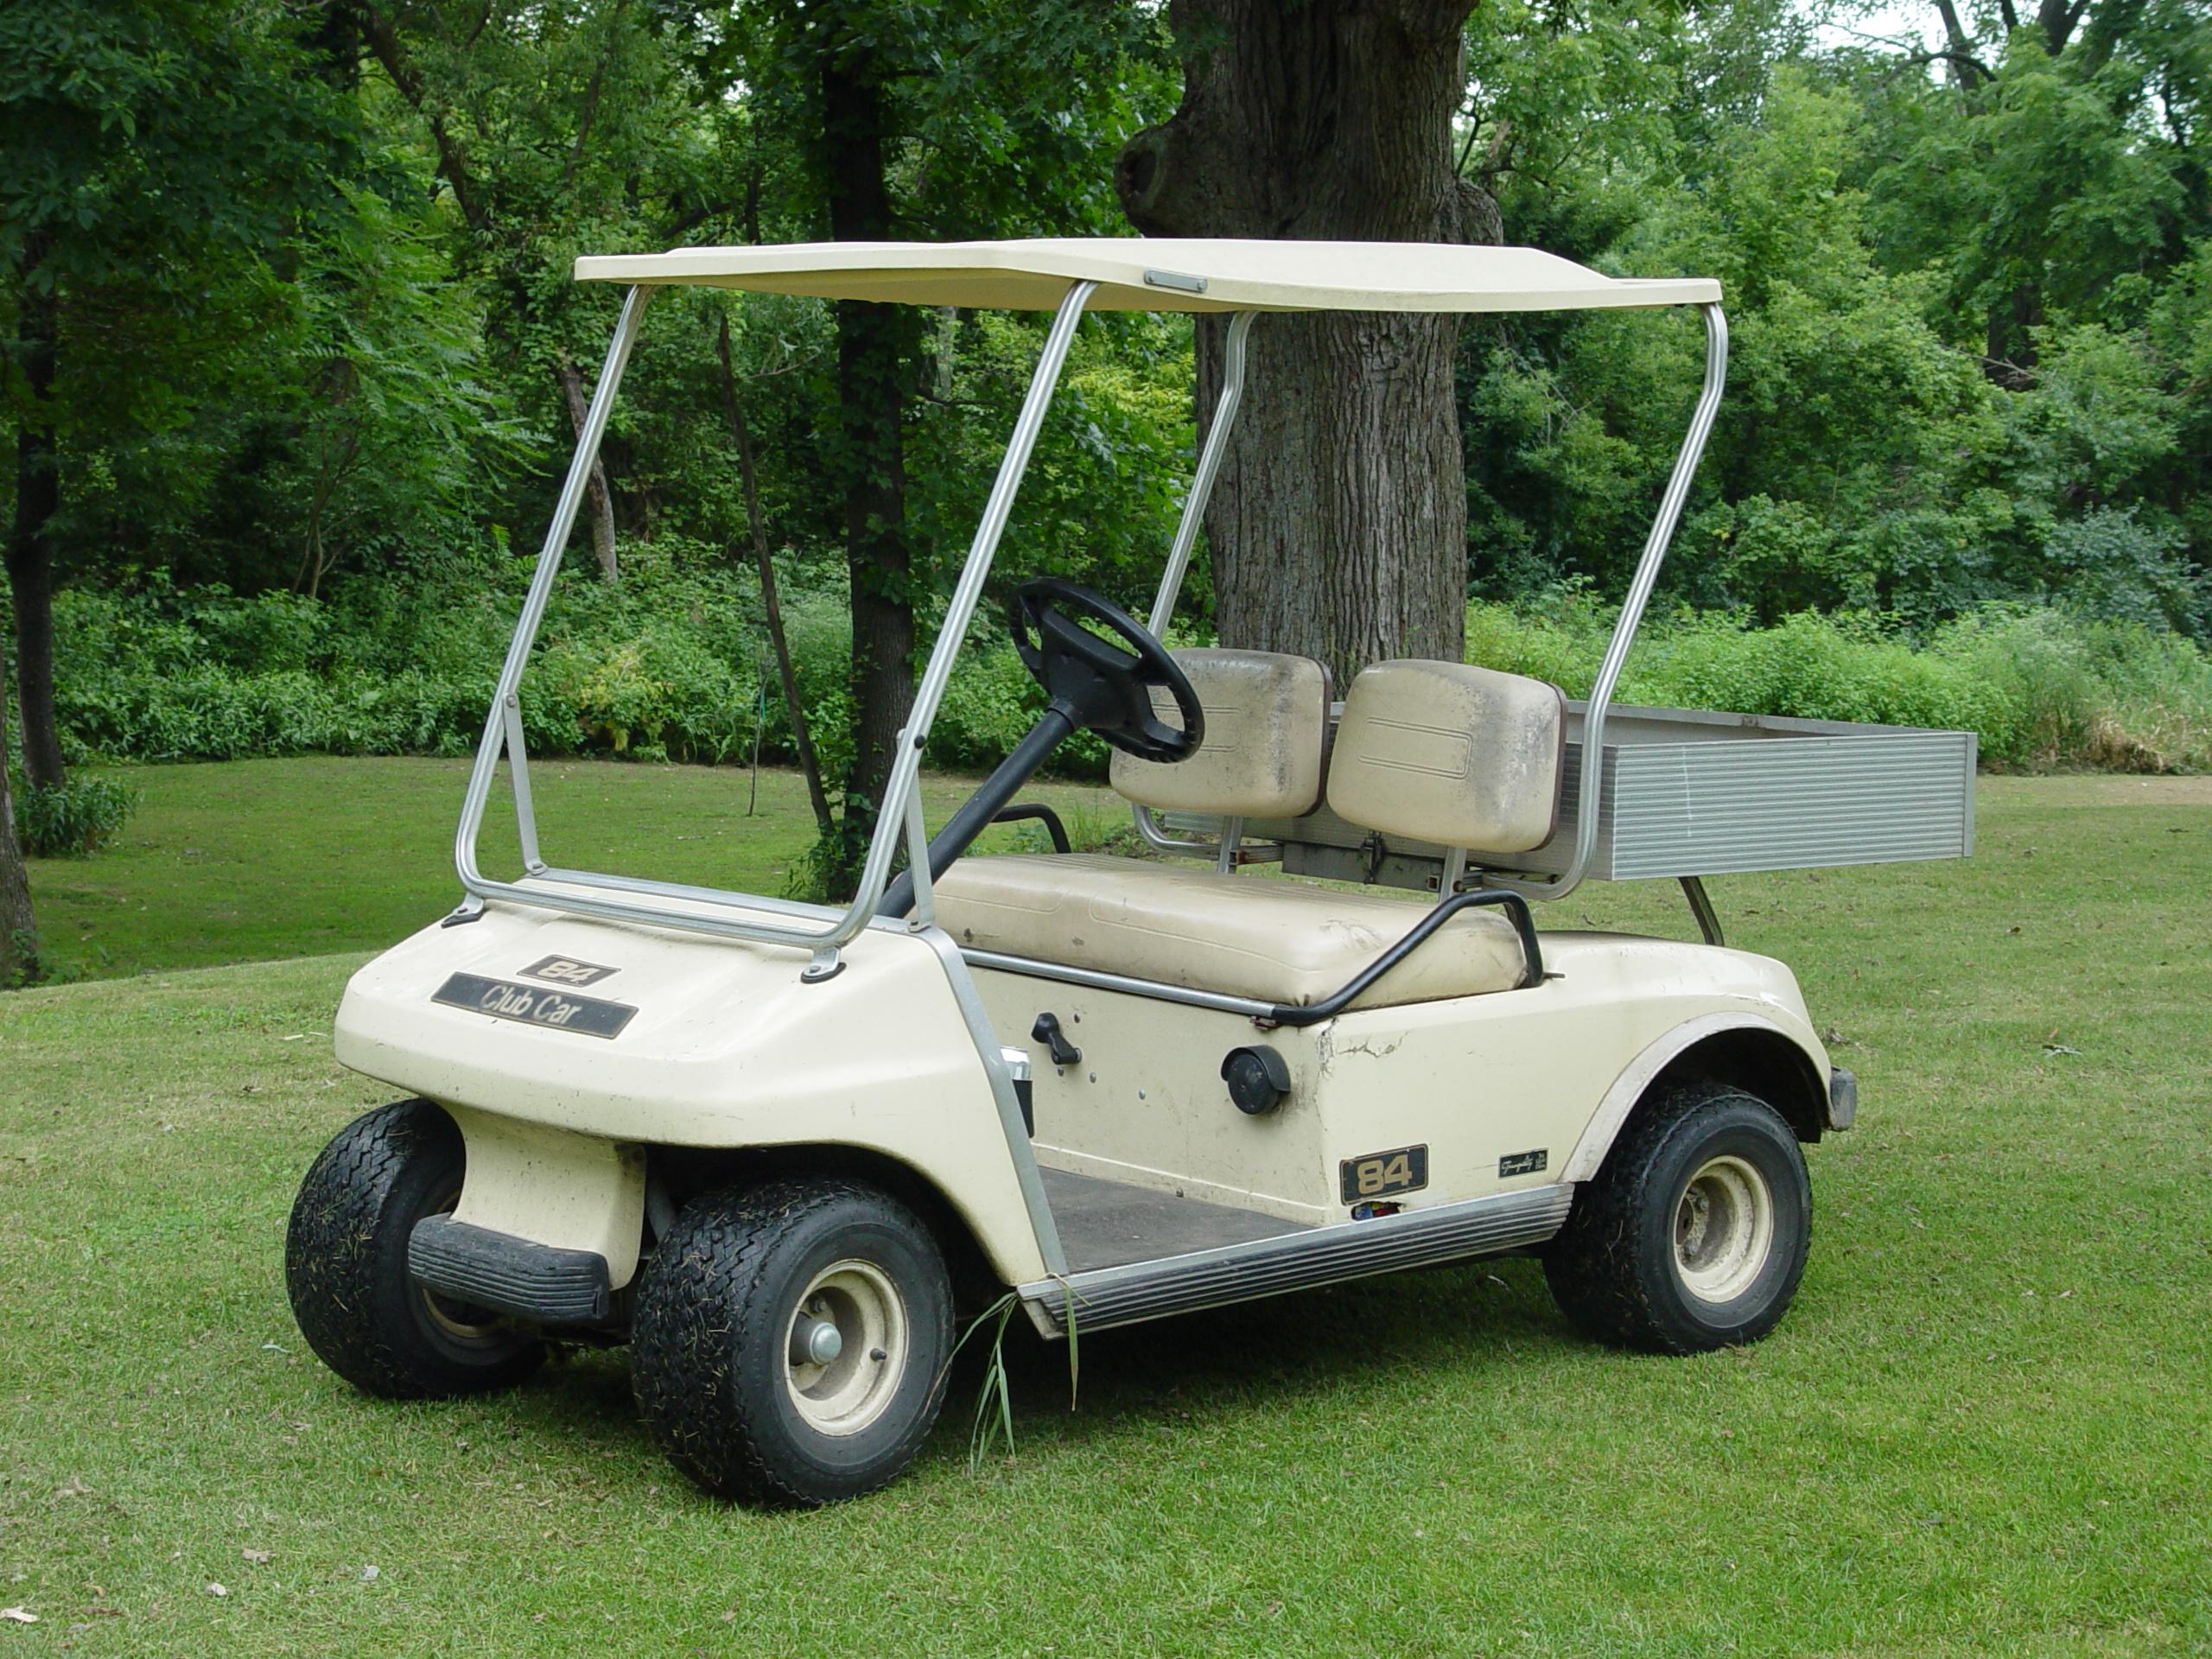 muy agradable buena venta comprar Carro de golf - Wikipedia, la enciclopedia libre